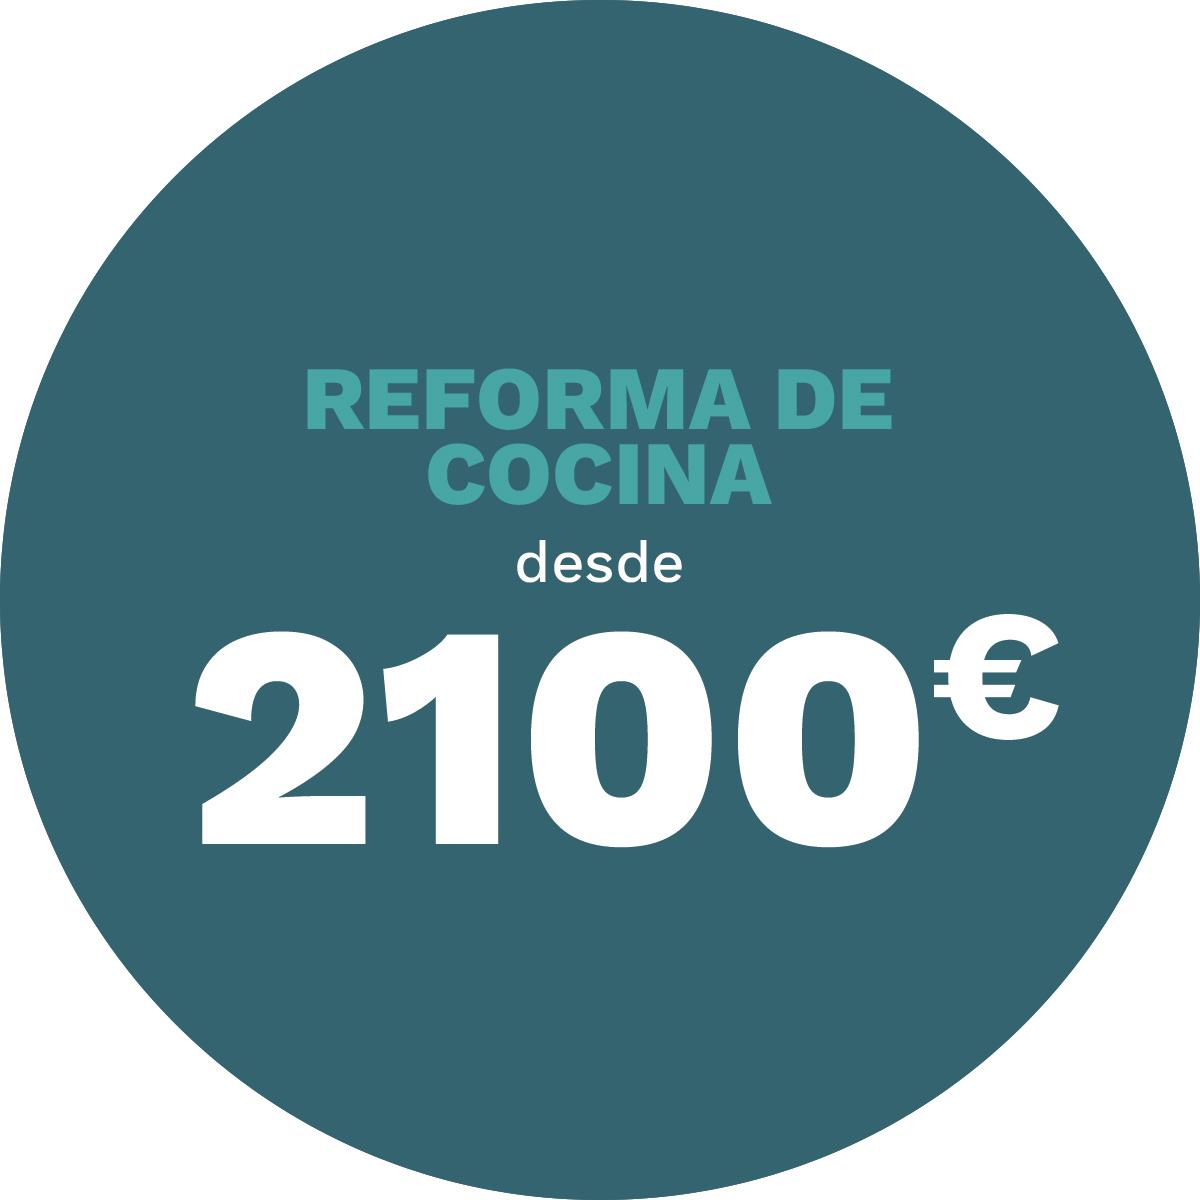 RIANJE · Construcción y reformas · Reforma tu cocina desde 2100€